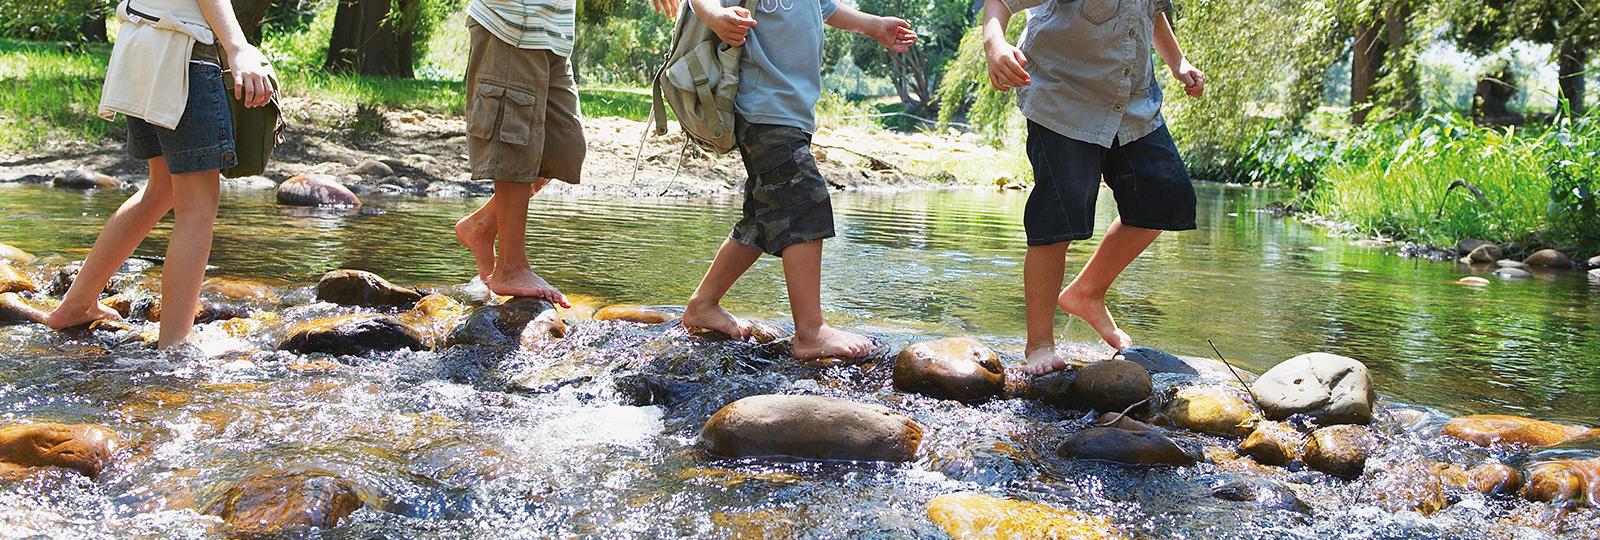 Kinder gehen auf Kieselsteinen durch einen Bach